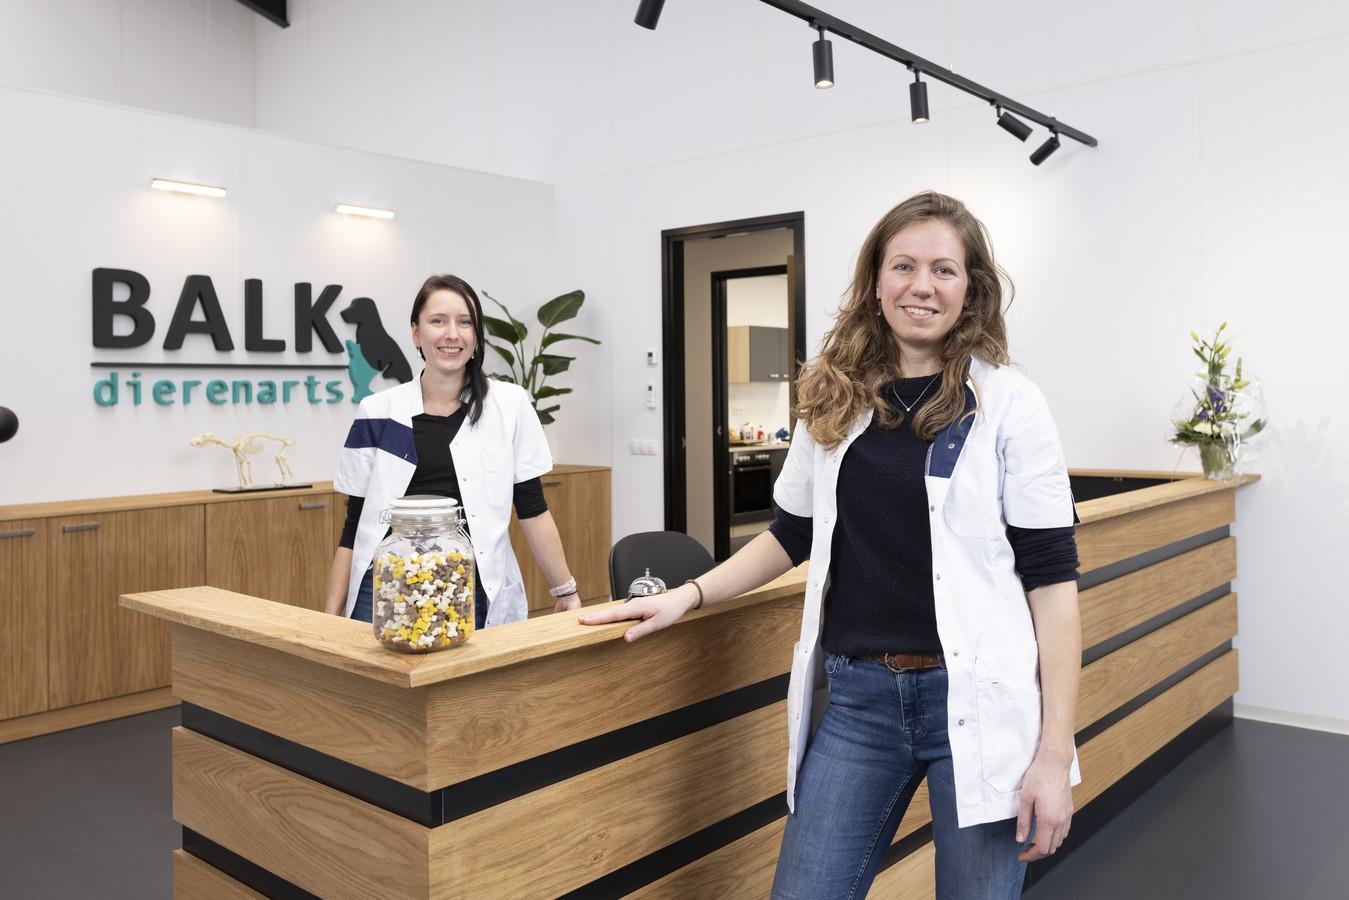 Daisy Balk opende in december een nieuwe dierenartspraktijk in Hengelo. Op de achtergrond medewerker Michelle Strave. Bezwaren tegen haar komst zijn afgewezen.